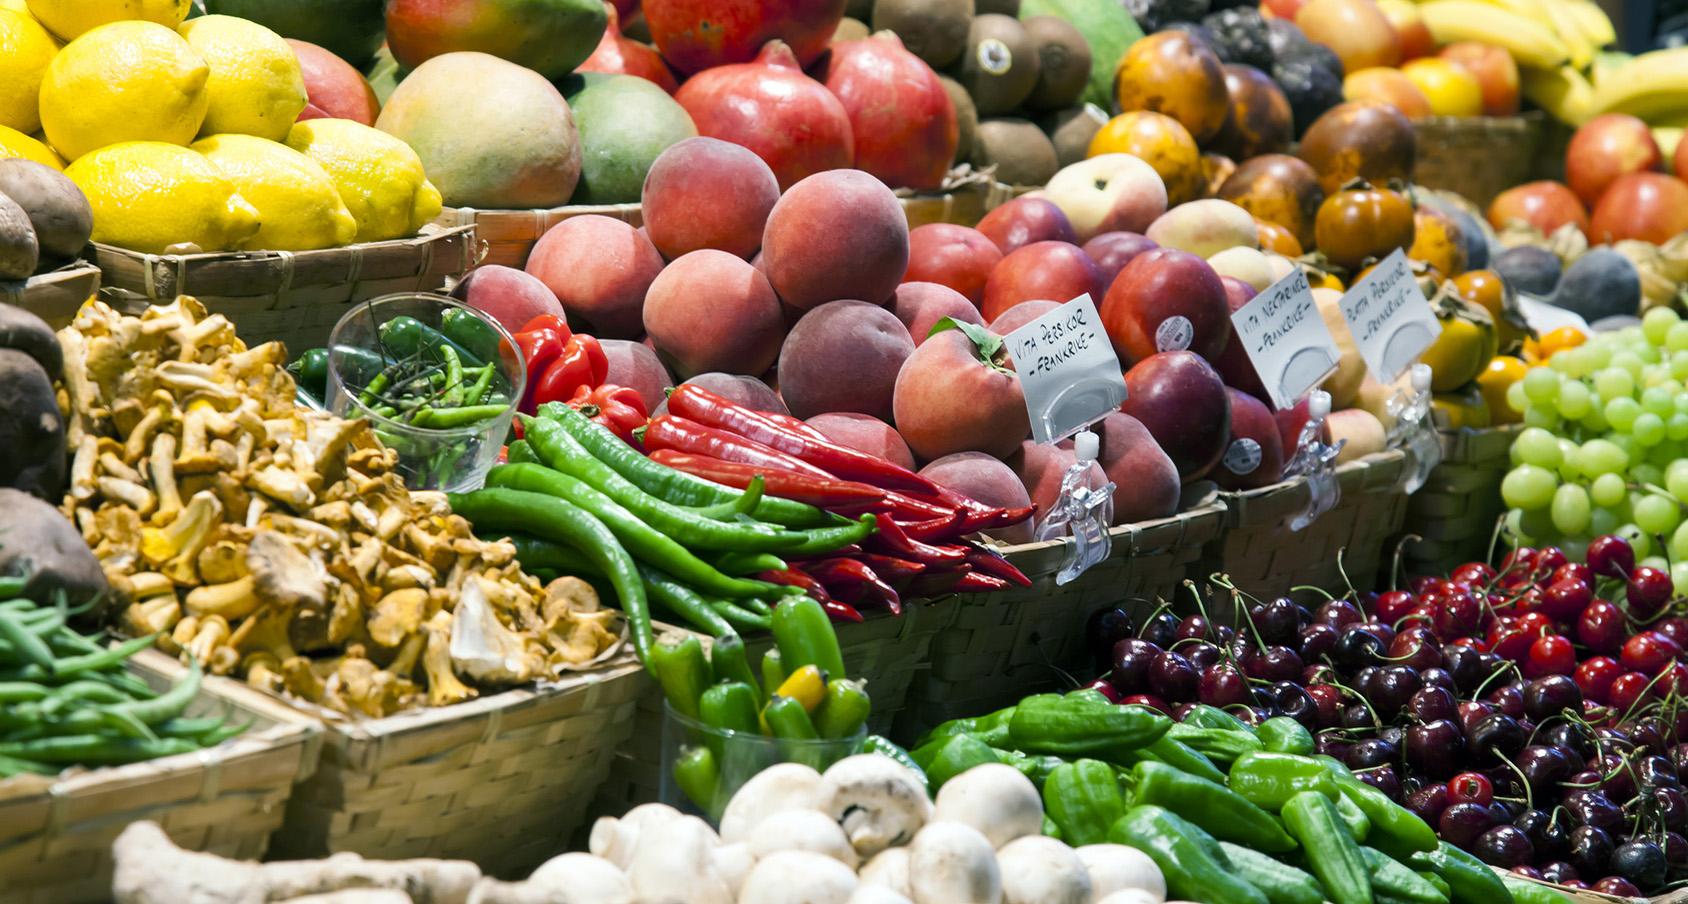 Firma z Danii poszukuje dostawcy nadwyżek niewykorzystanych owoców i warzyw